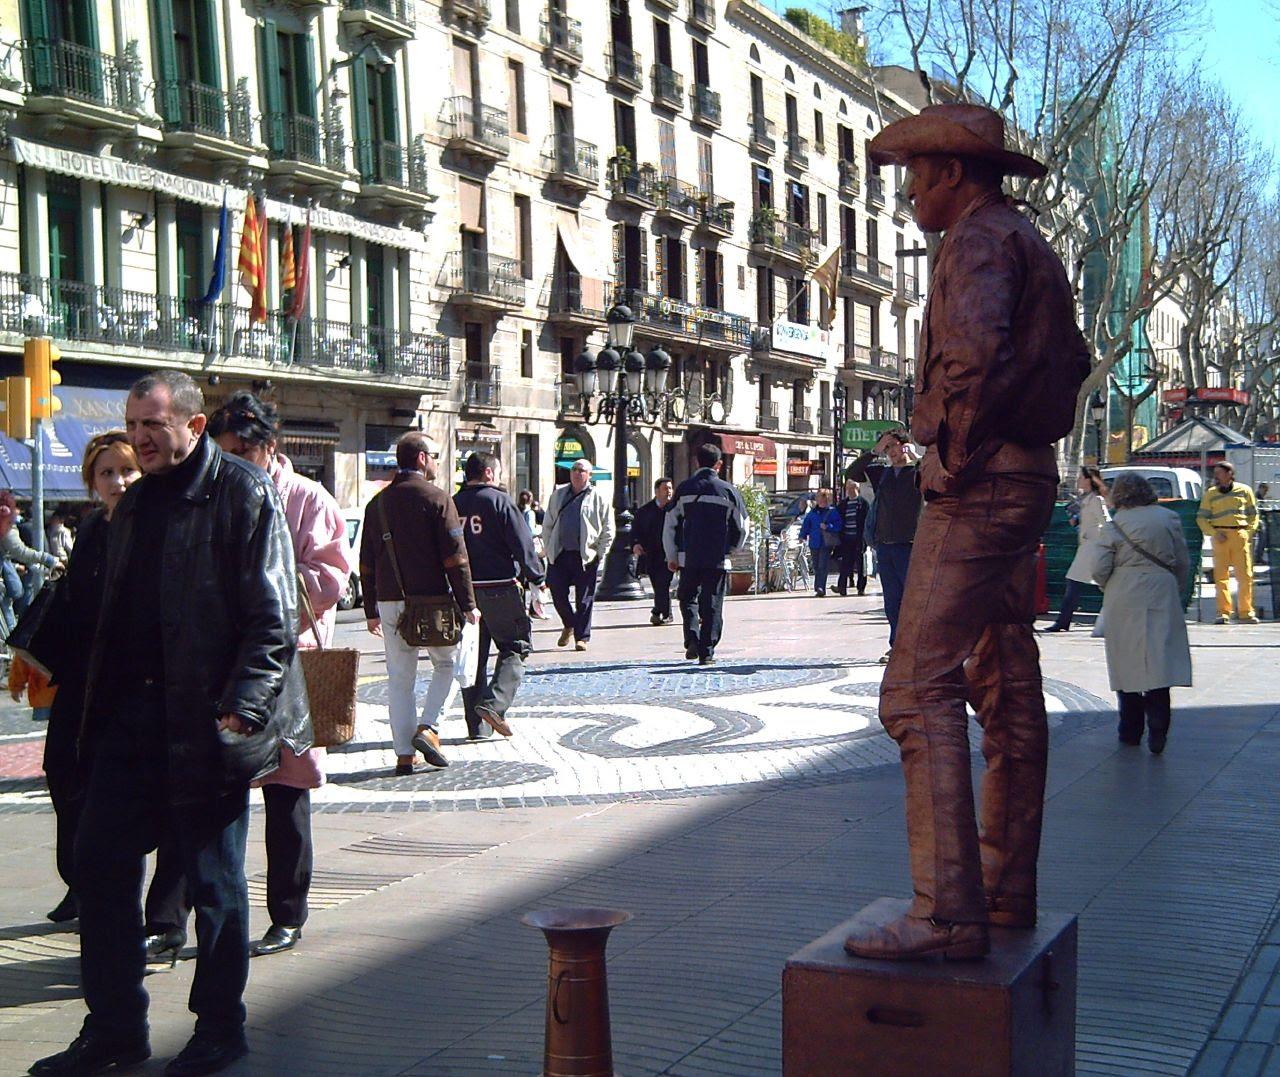 Barcelona Artists: Las Ramblas Cowboy